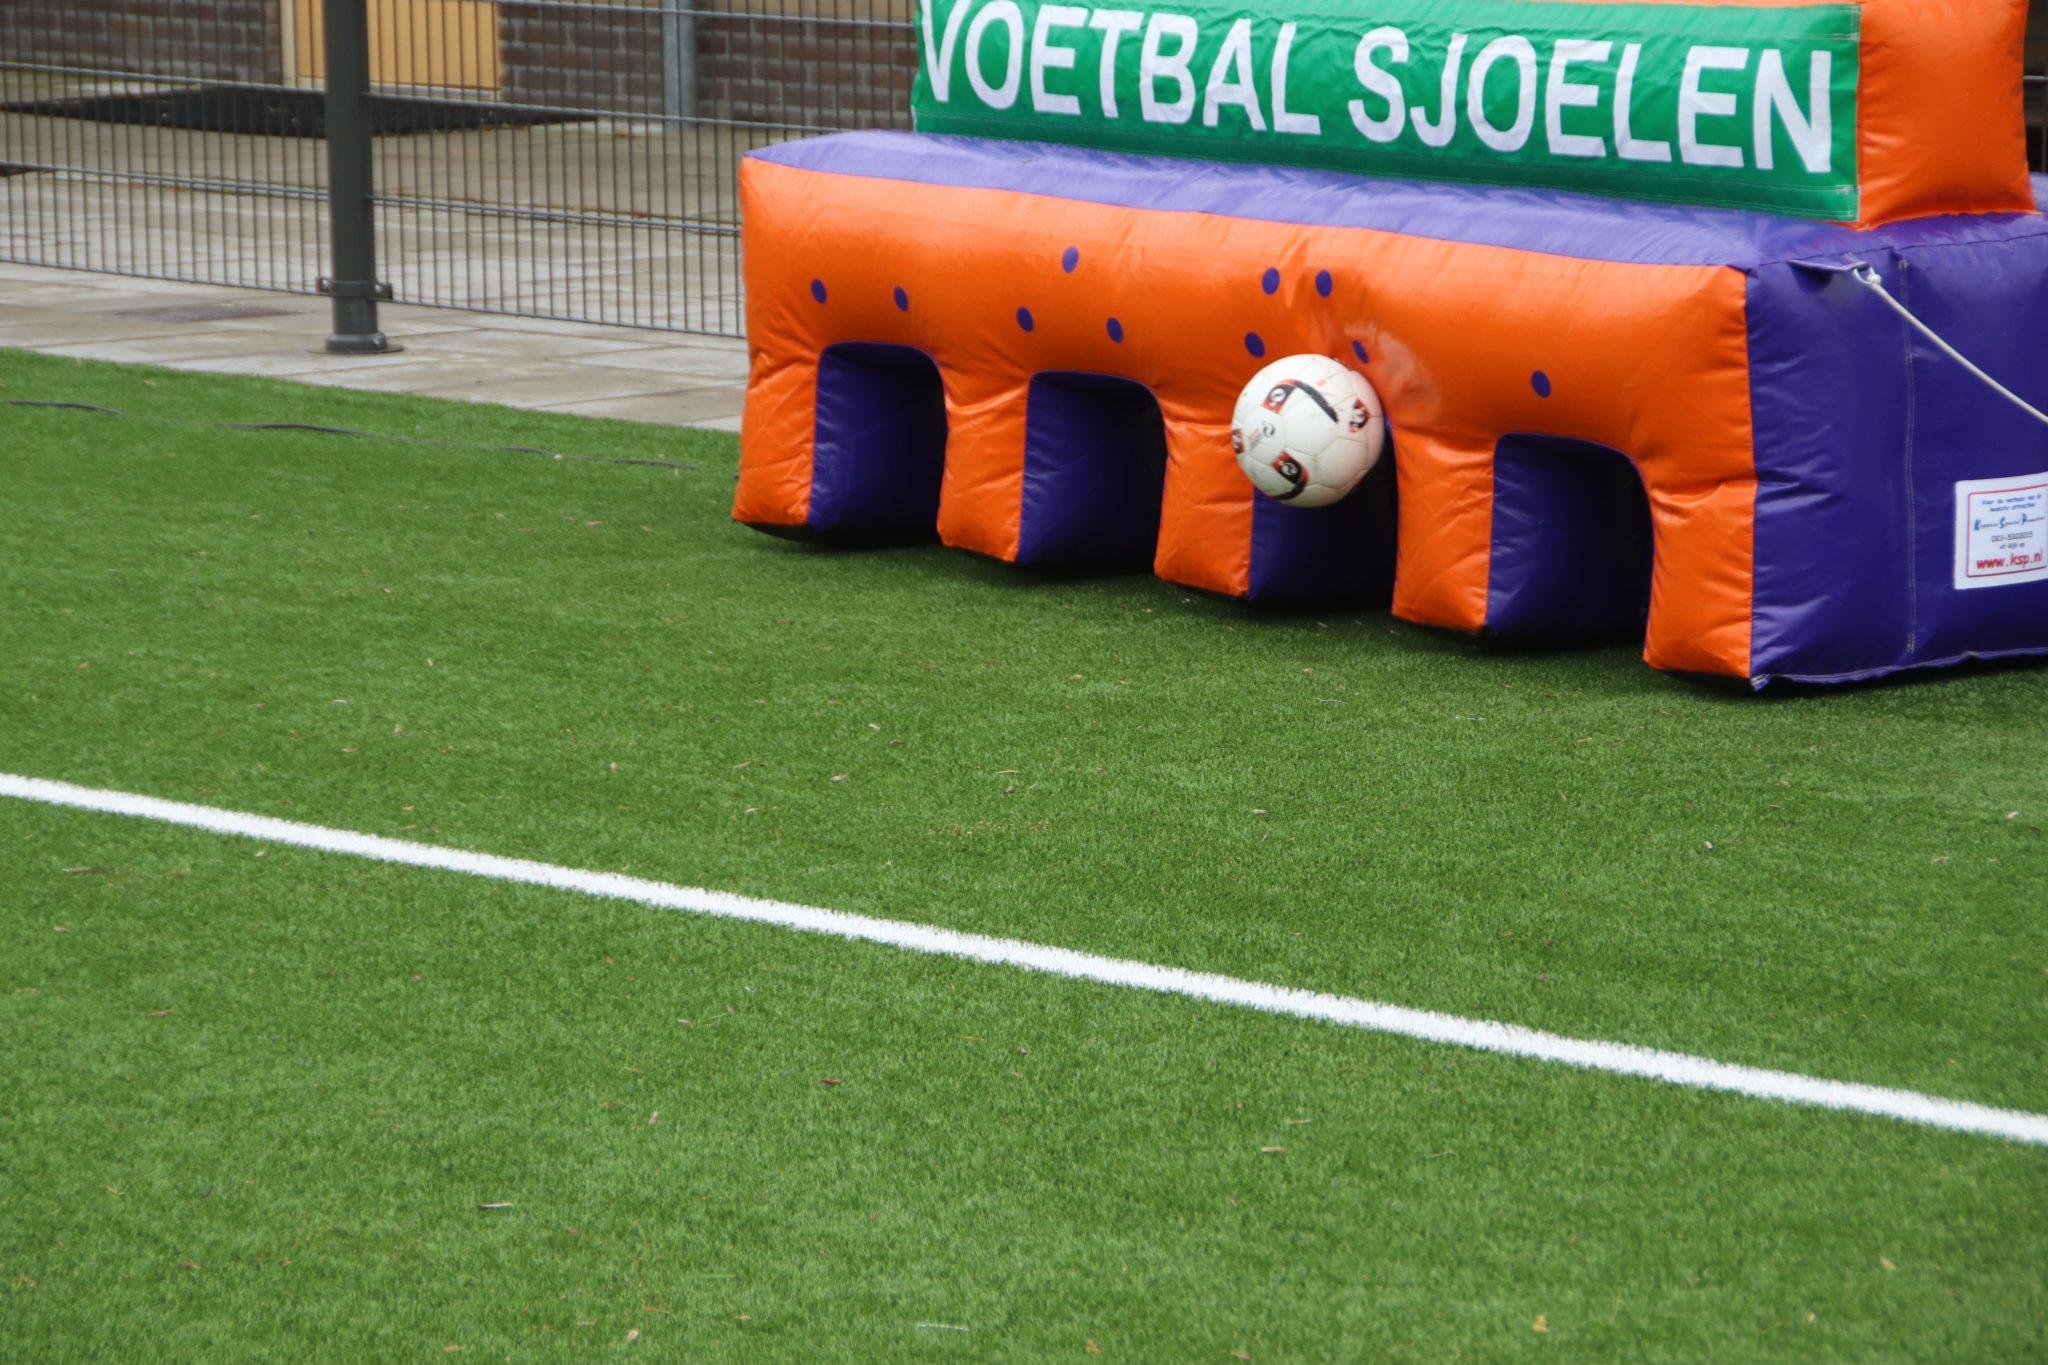 Voetbal- en funevenement geslaagd!